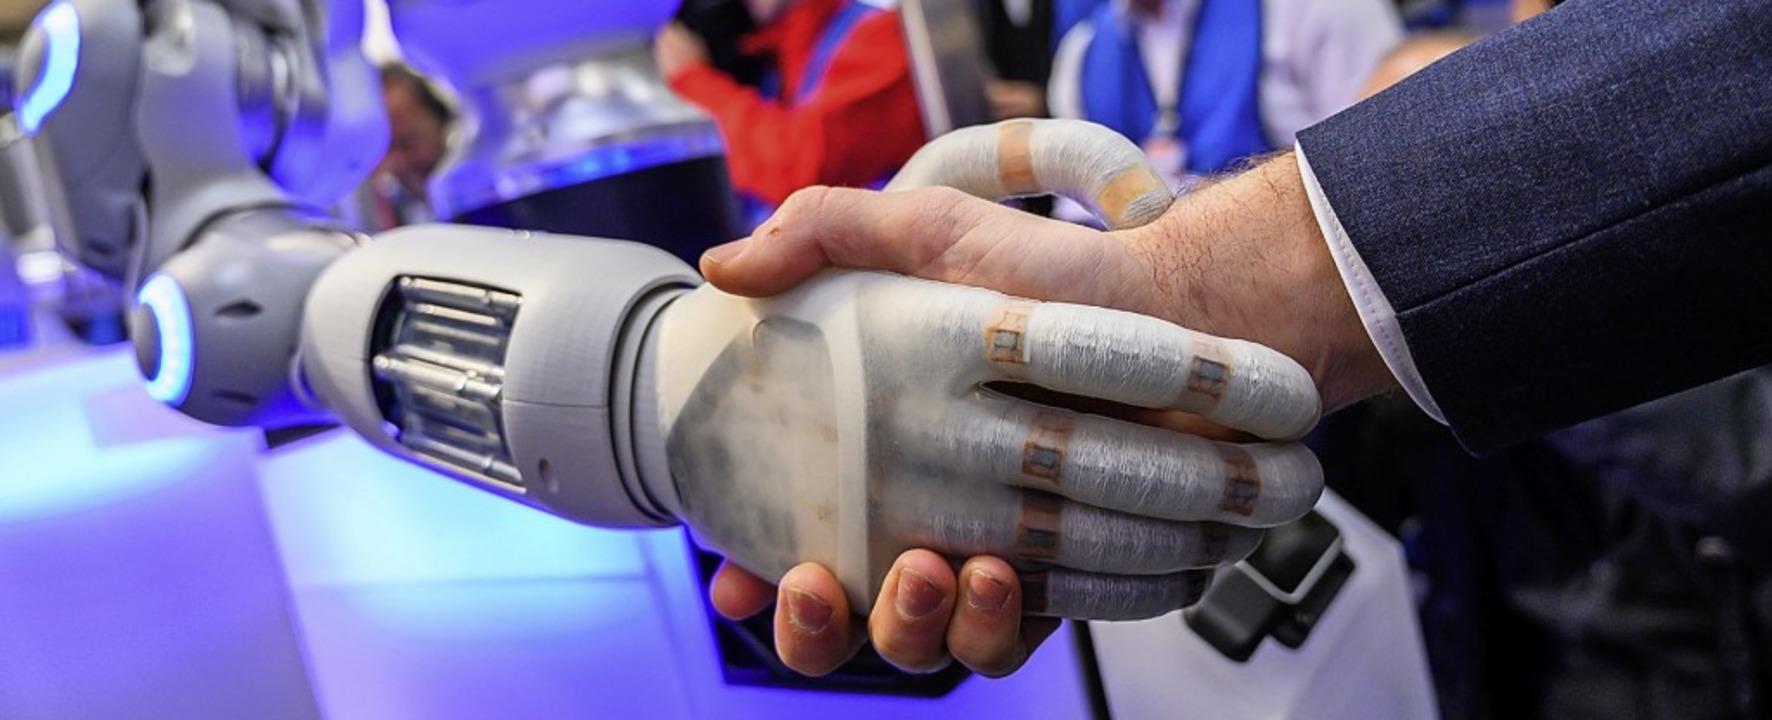 Mensch und Maschine Hand in Hand: Wie ... Digitalisierung in Europa gestaltet?   | Foto:  dpa